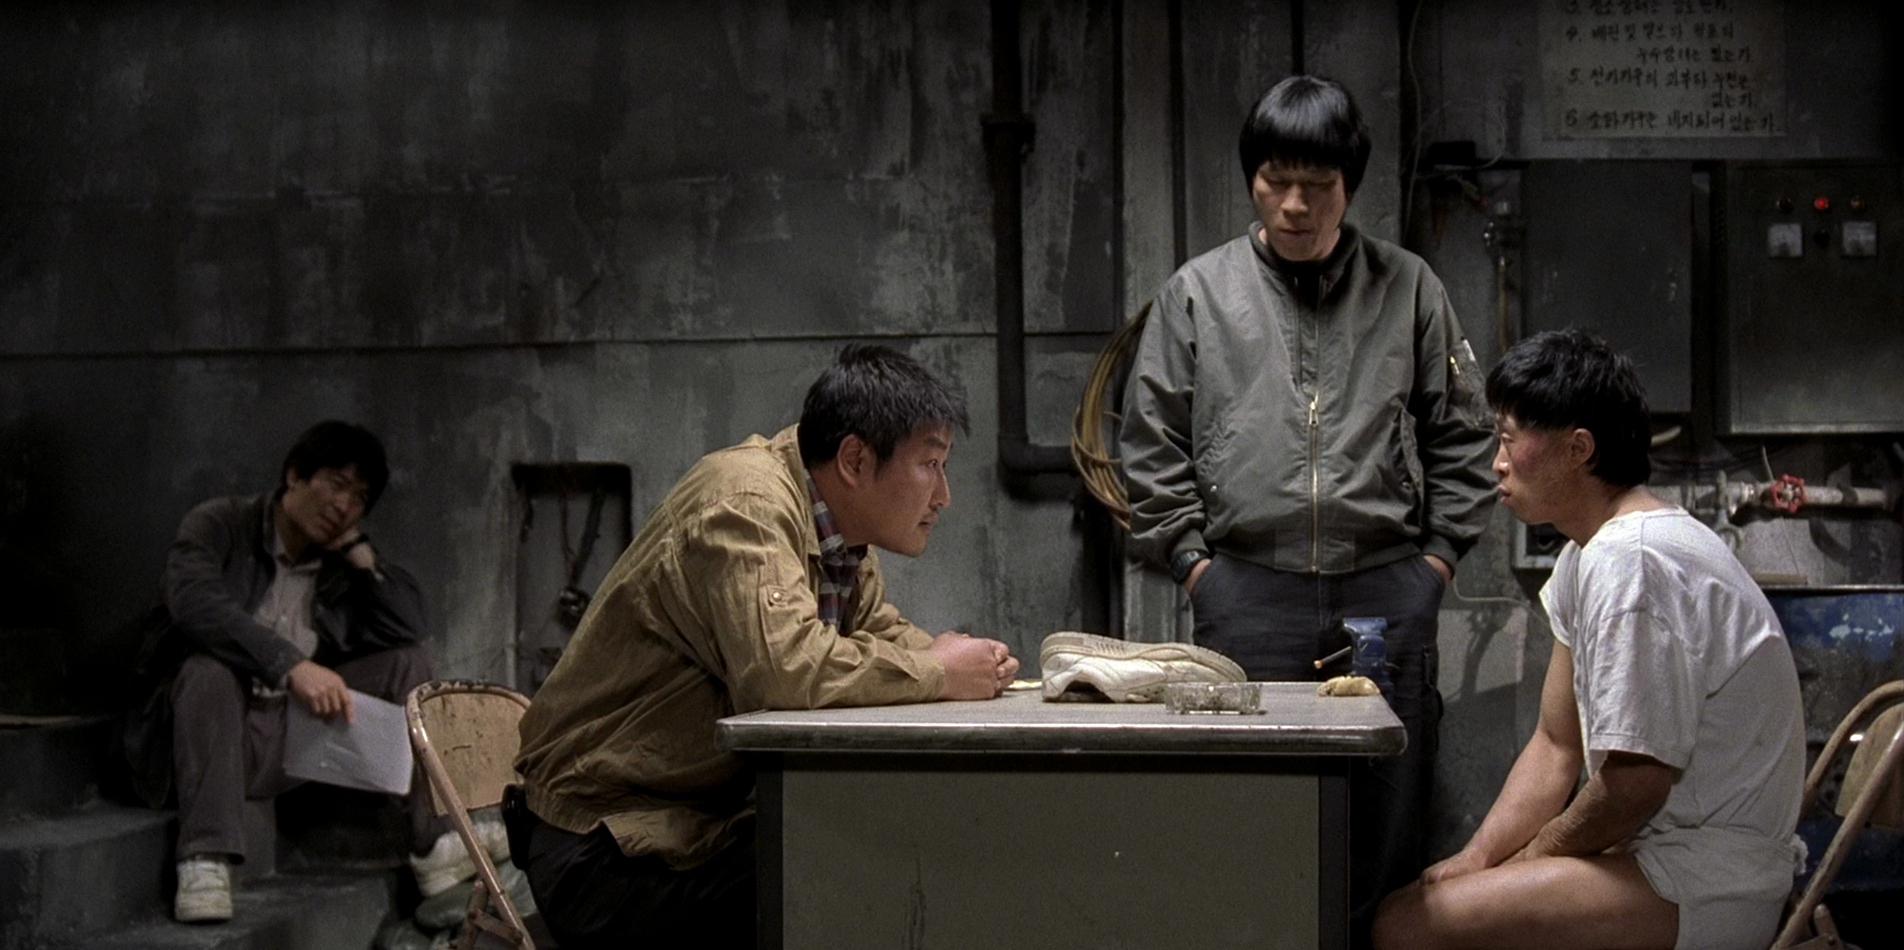 Bong Joon-Ho (Memories of Murder, The Host et Snowpiercer) sur un nouveau film coréen dans Films series - News de tournage memories_of_murder_4